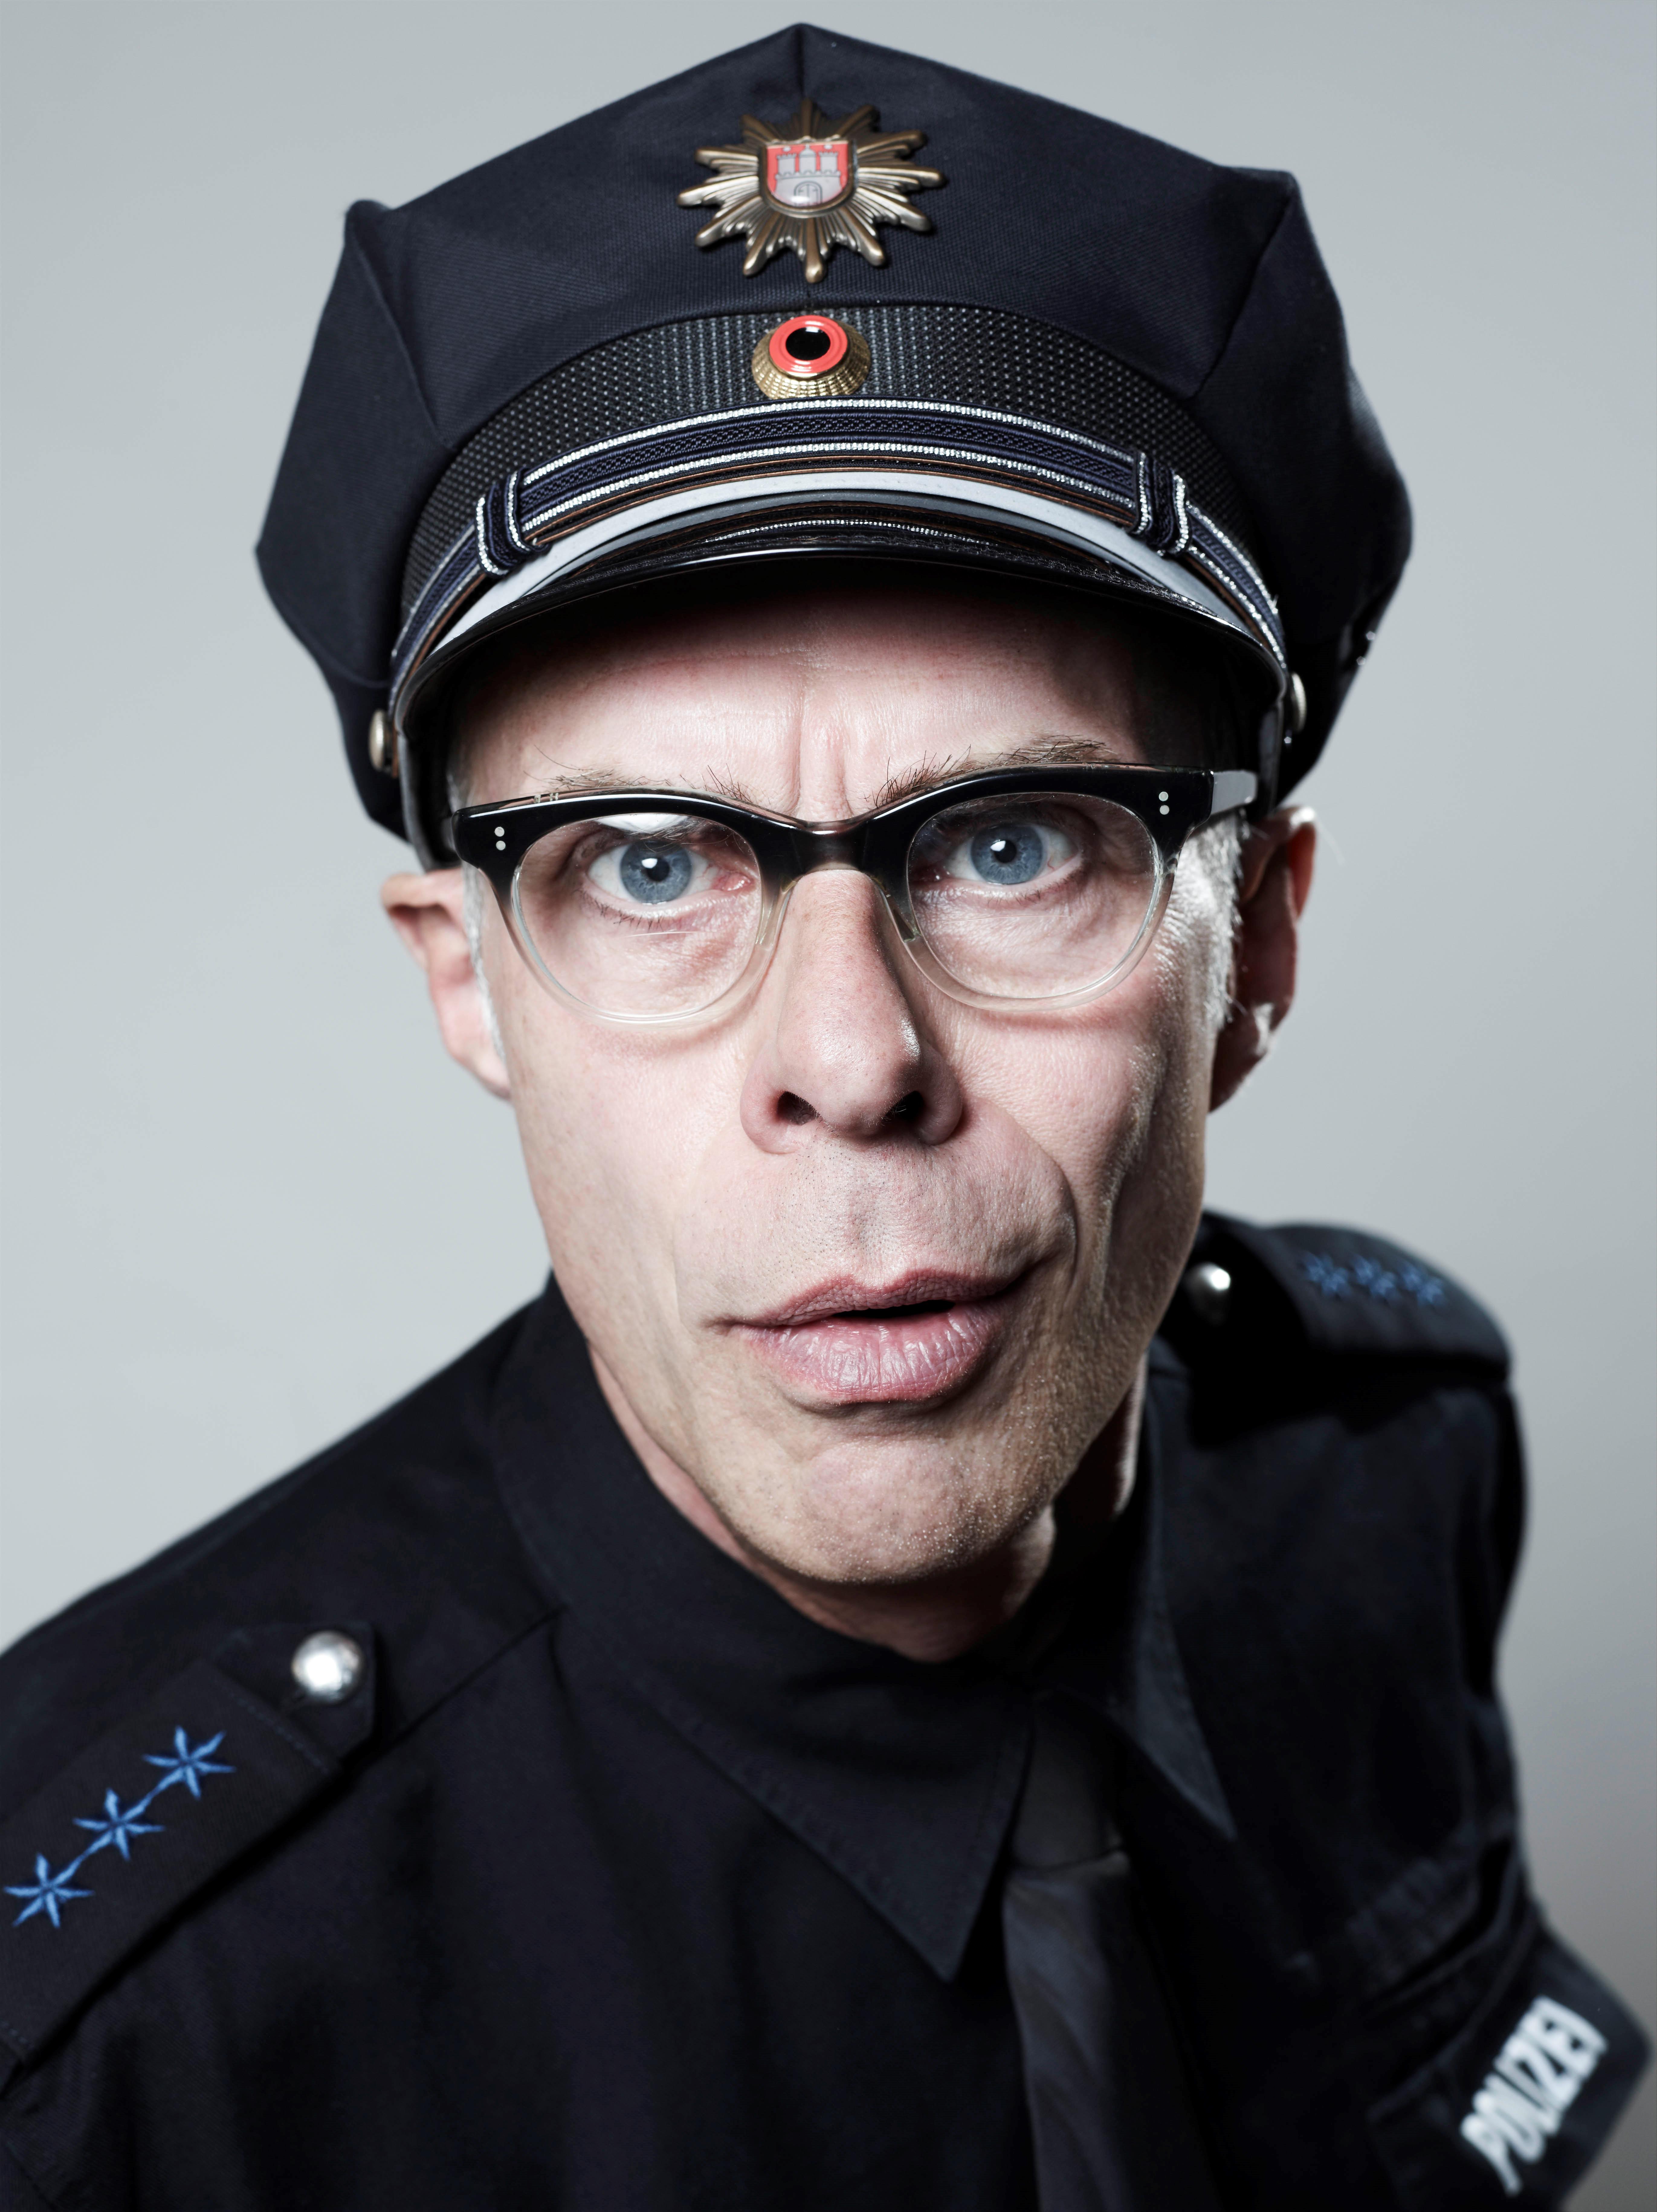 Ein Polizist mit Brille